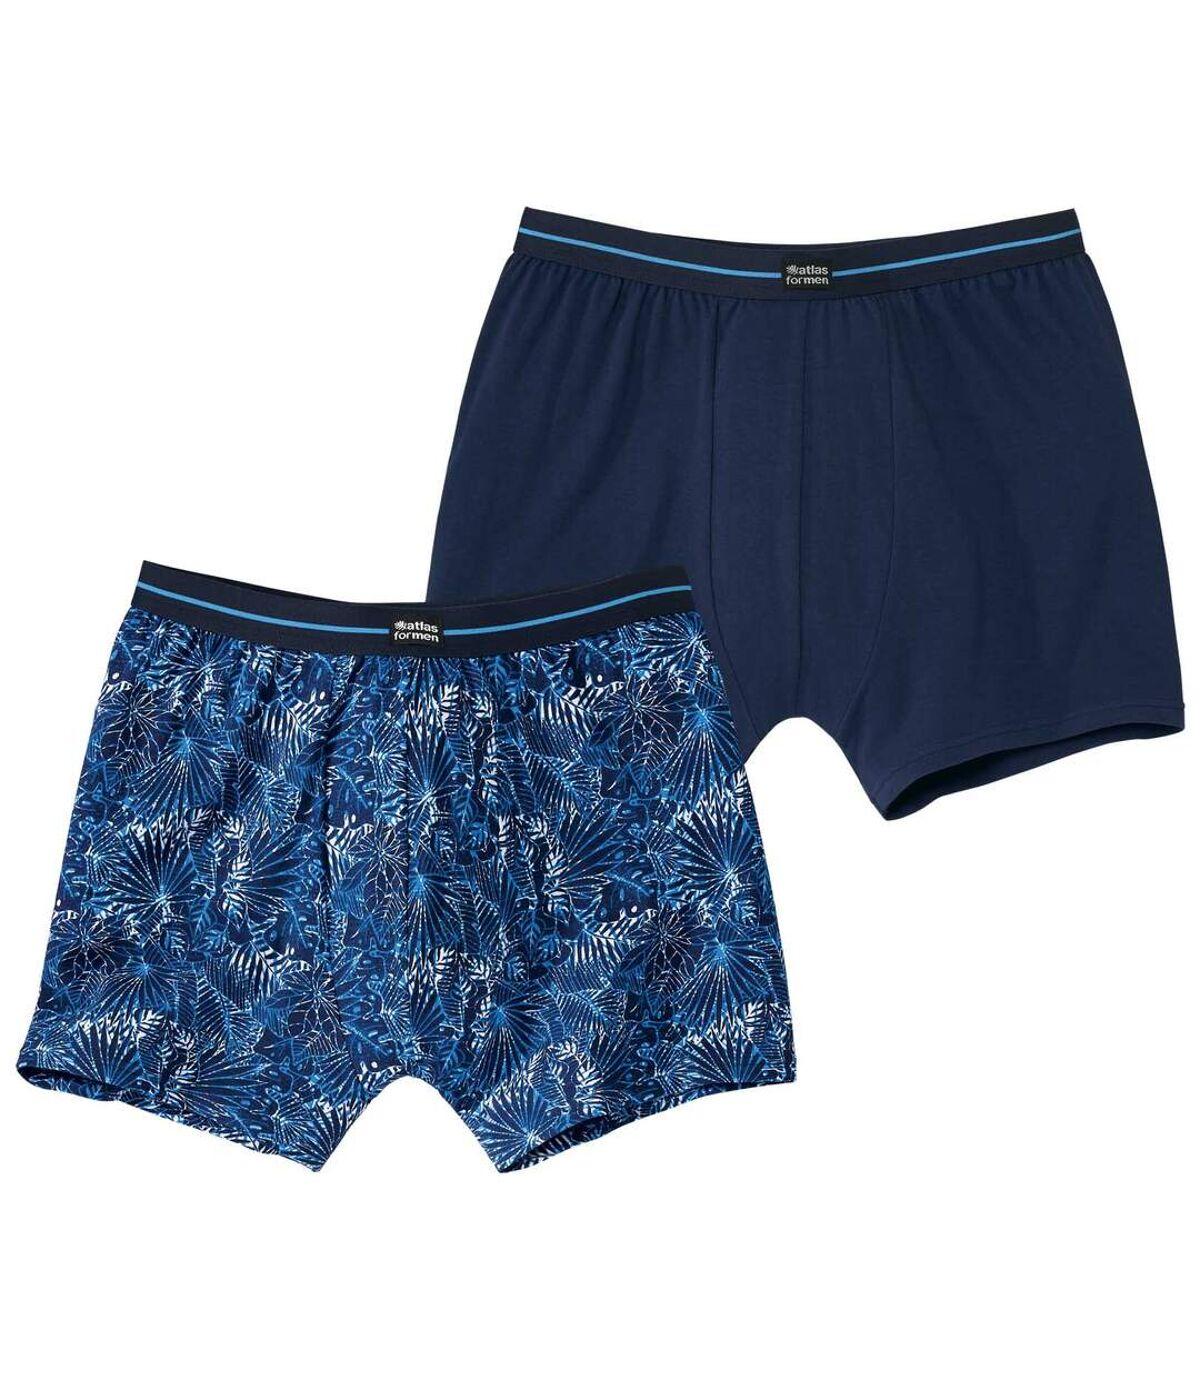 2 darabos, egyszínű és trópusi mintás boxer alsónadrág szett Atlas For Men